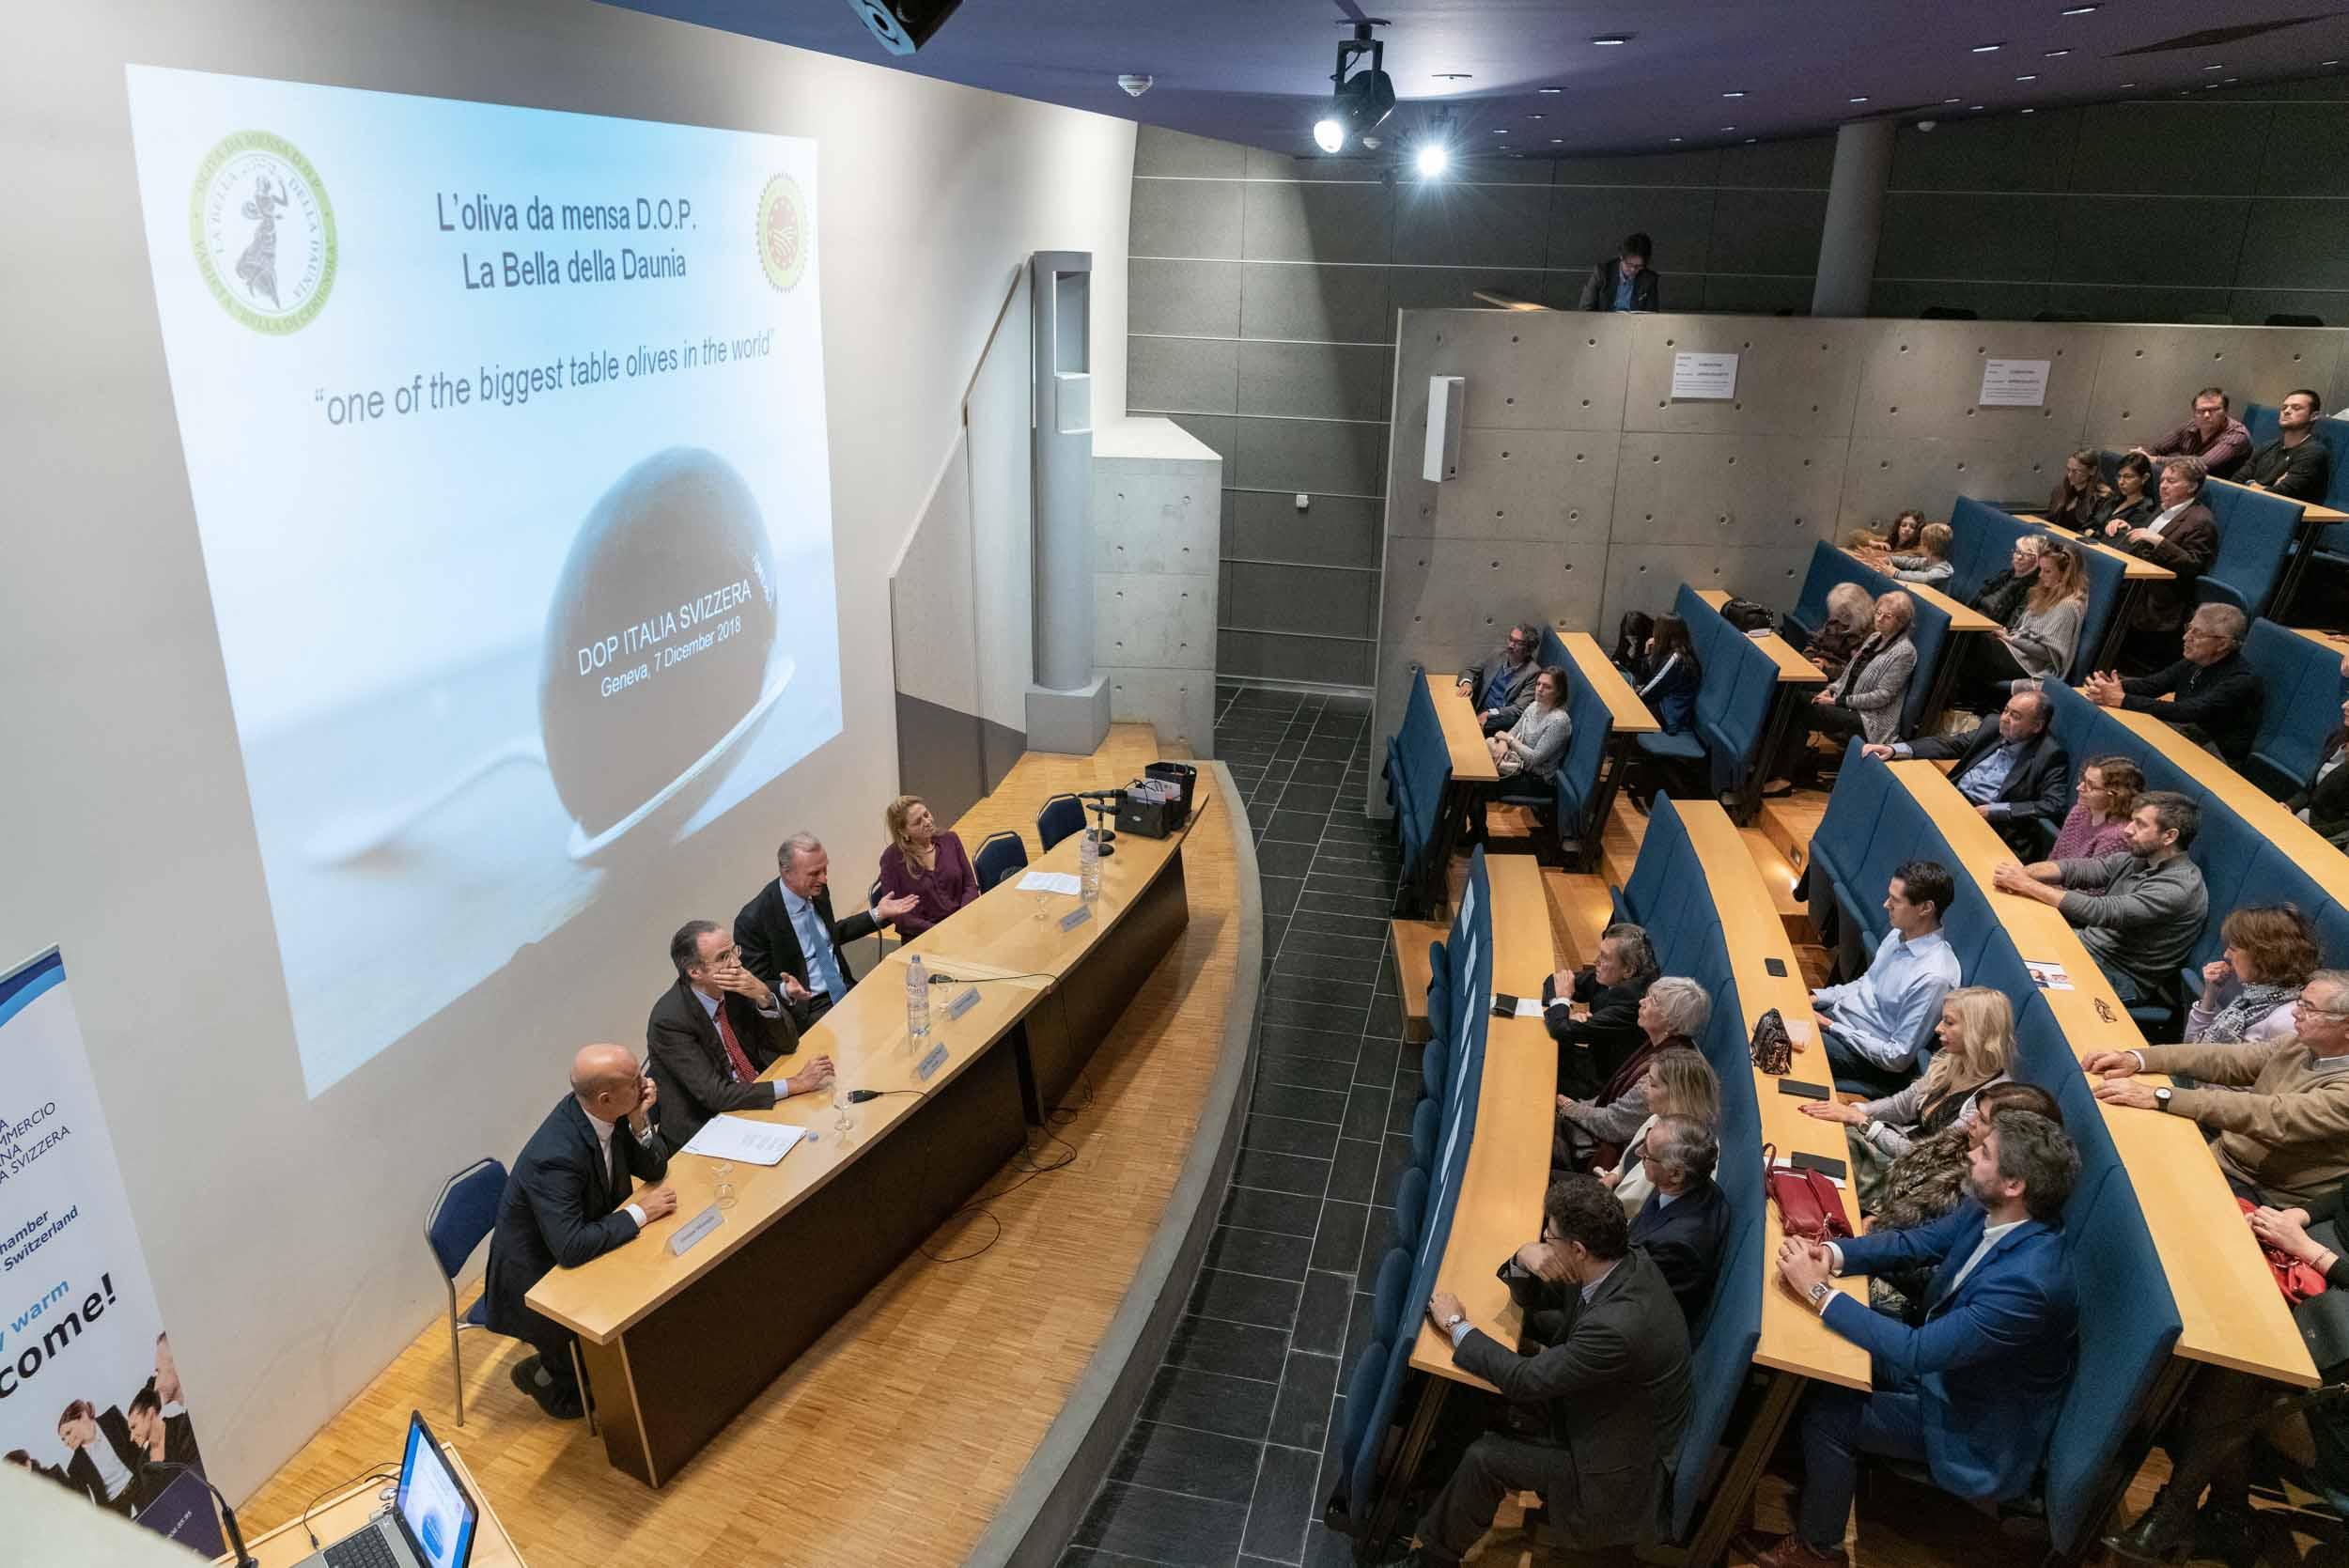 Photographe Genève Fondation Louis-Jeantet